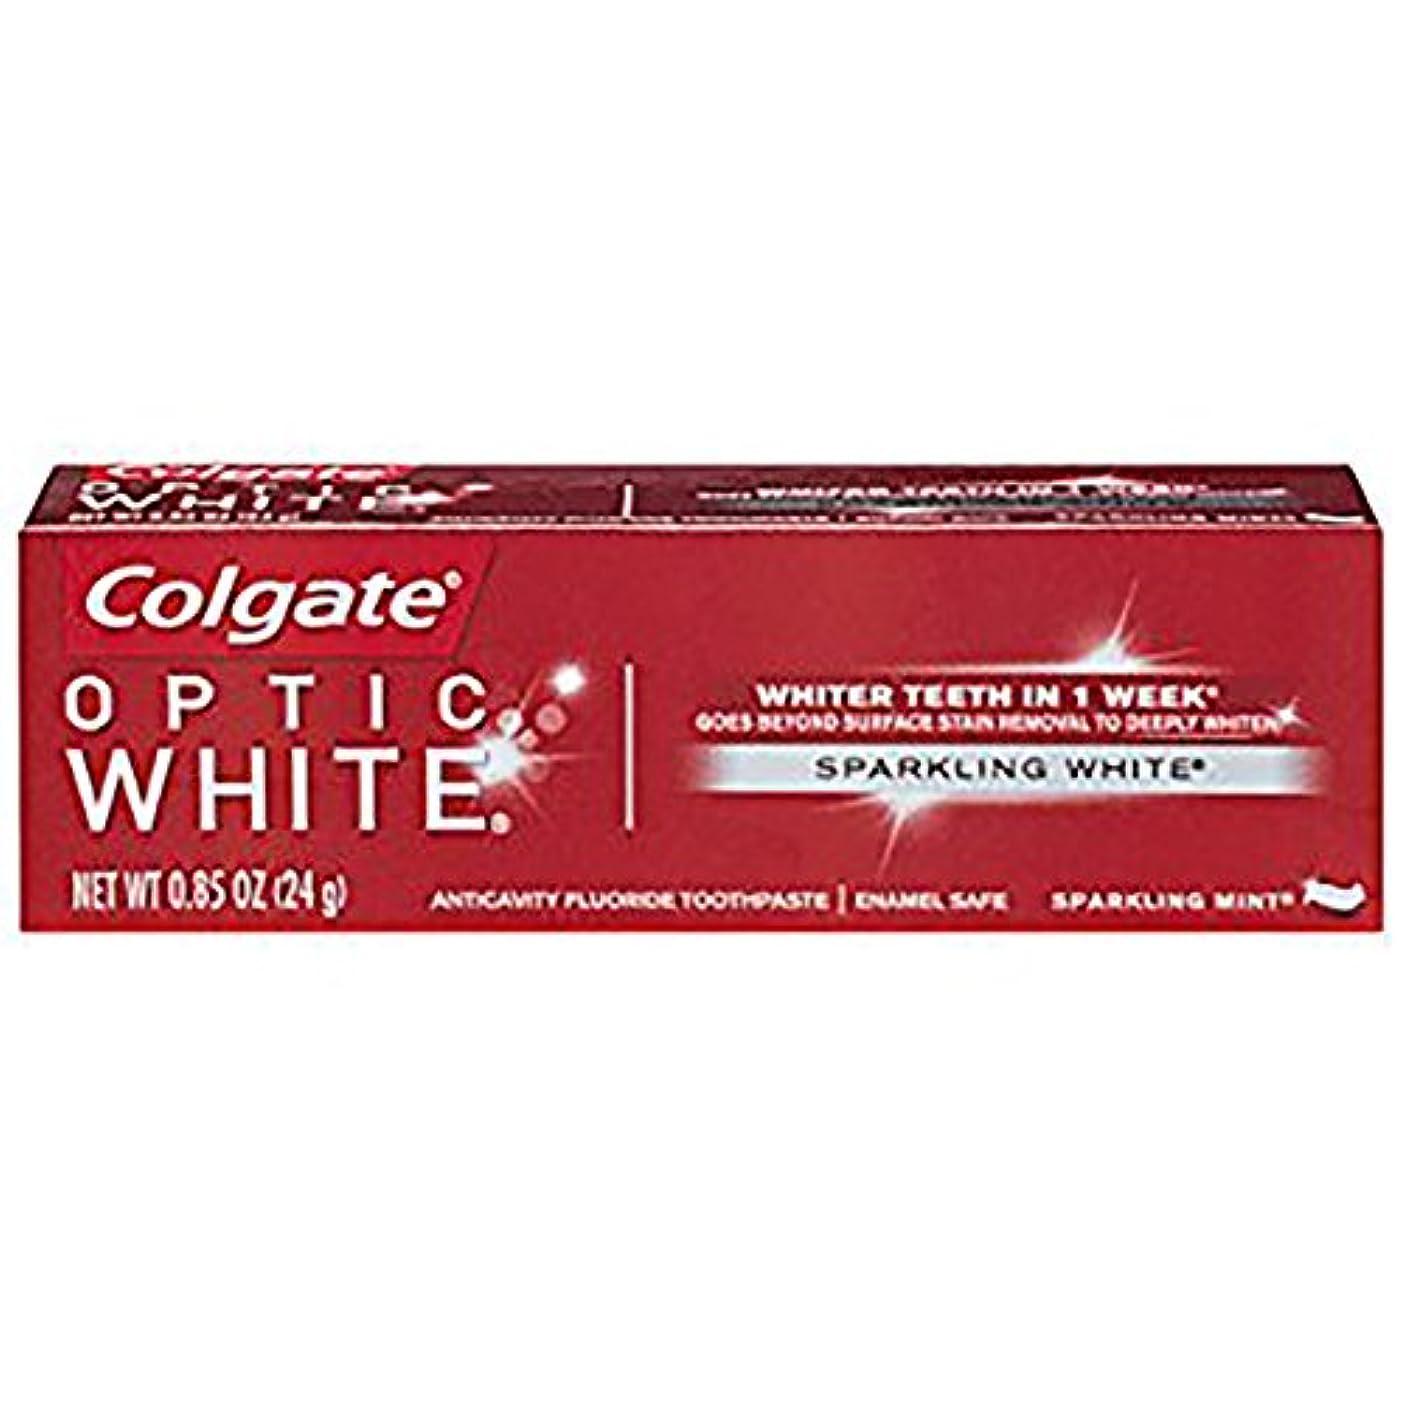 優れました蓋政治的コルゲート ホワイトニング Colgate 24g Optic White Sparkling White 白い歯 歯磨き粉 ミント